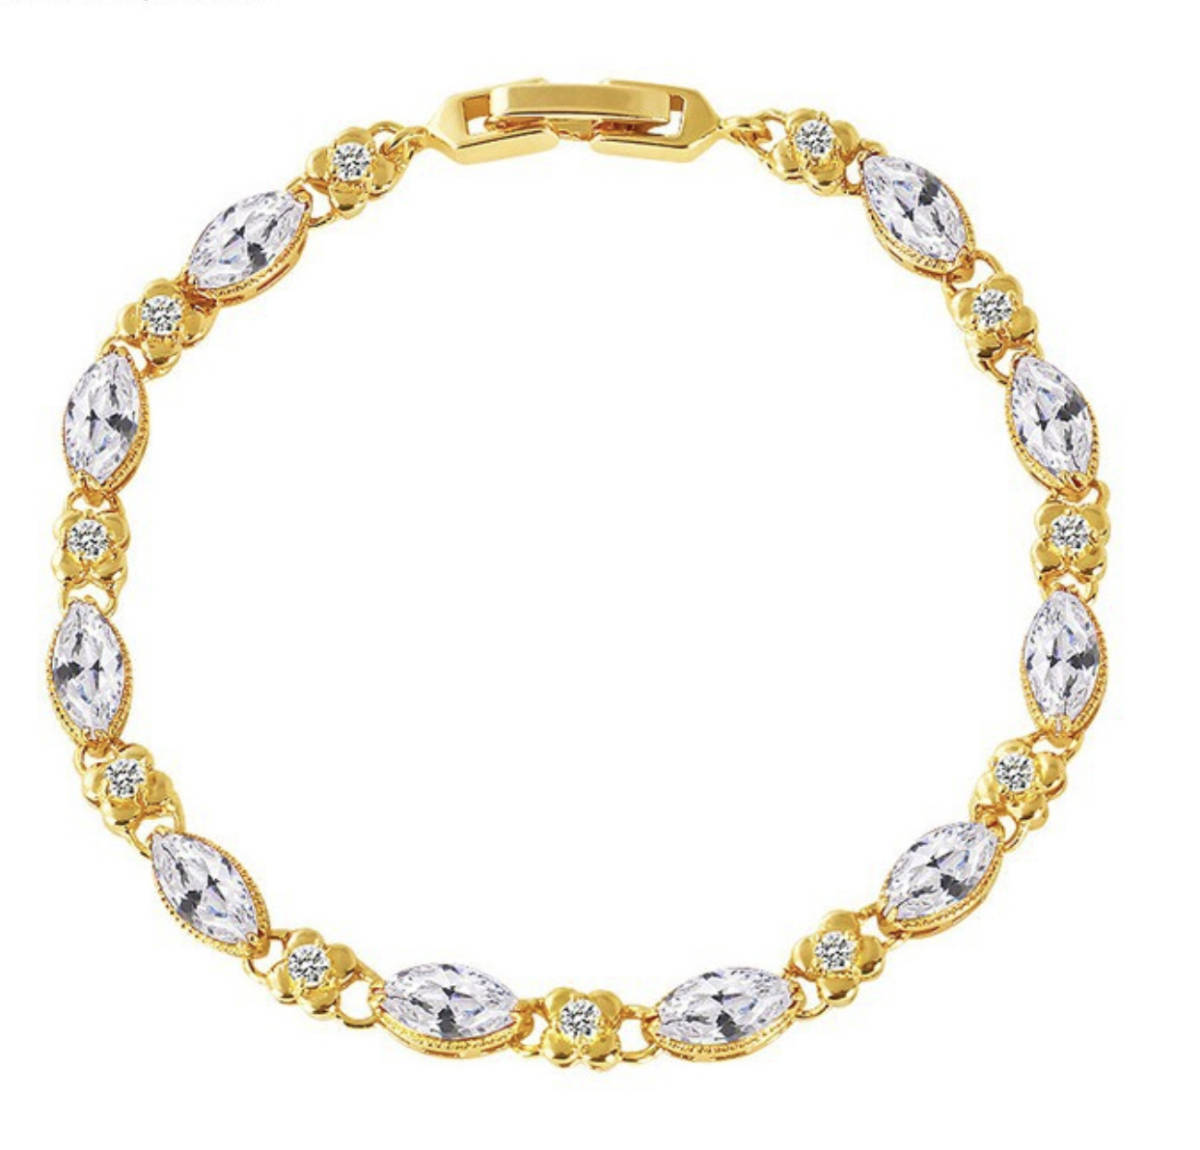 『過去最高品質』◆ 限定入荷 20石 レディースダイヤモンドブレスレット2ct【18k】注目 新品 贈答品